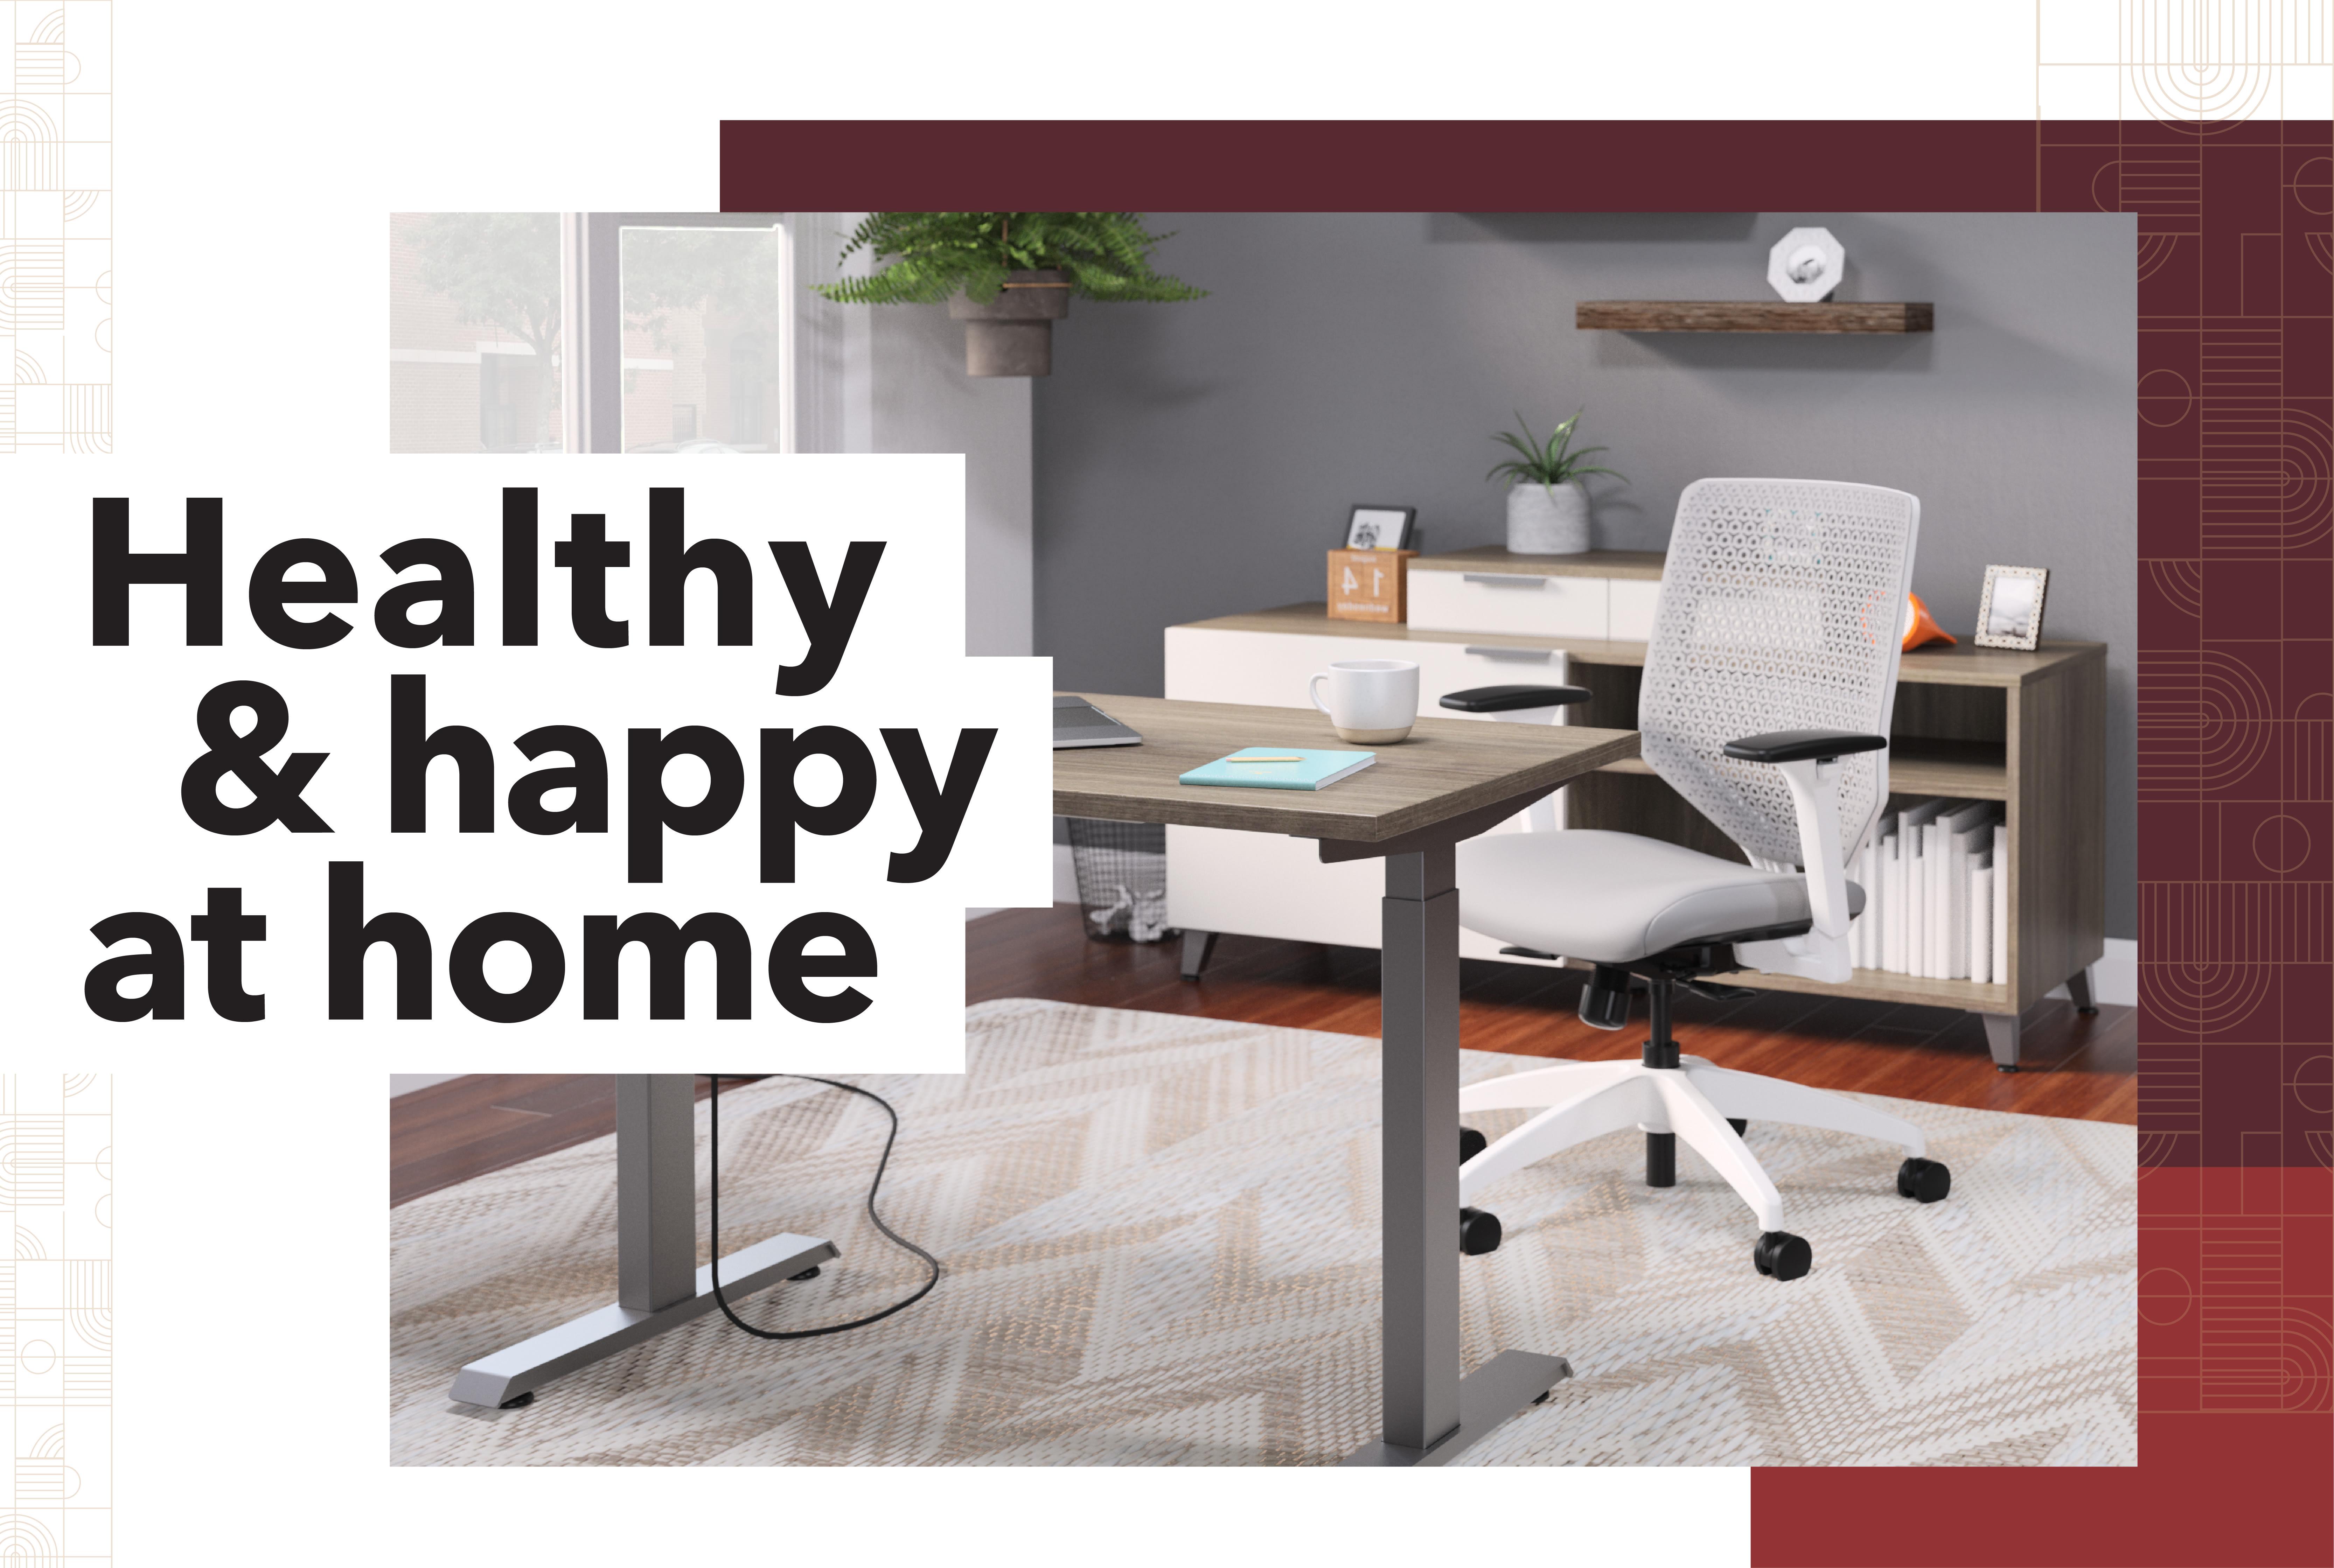 HON_2904_June 15_Healthy Happy_Blog hero